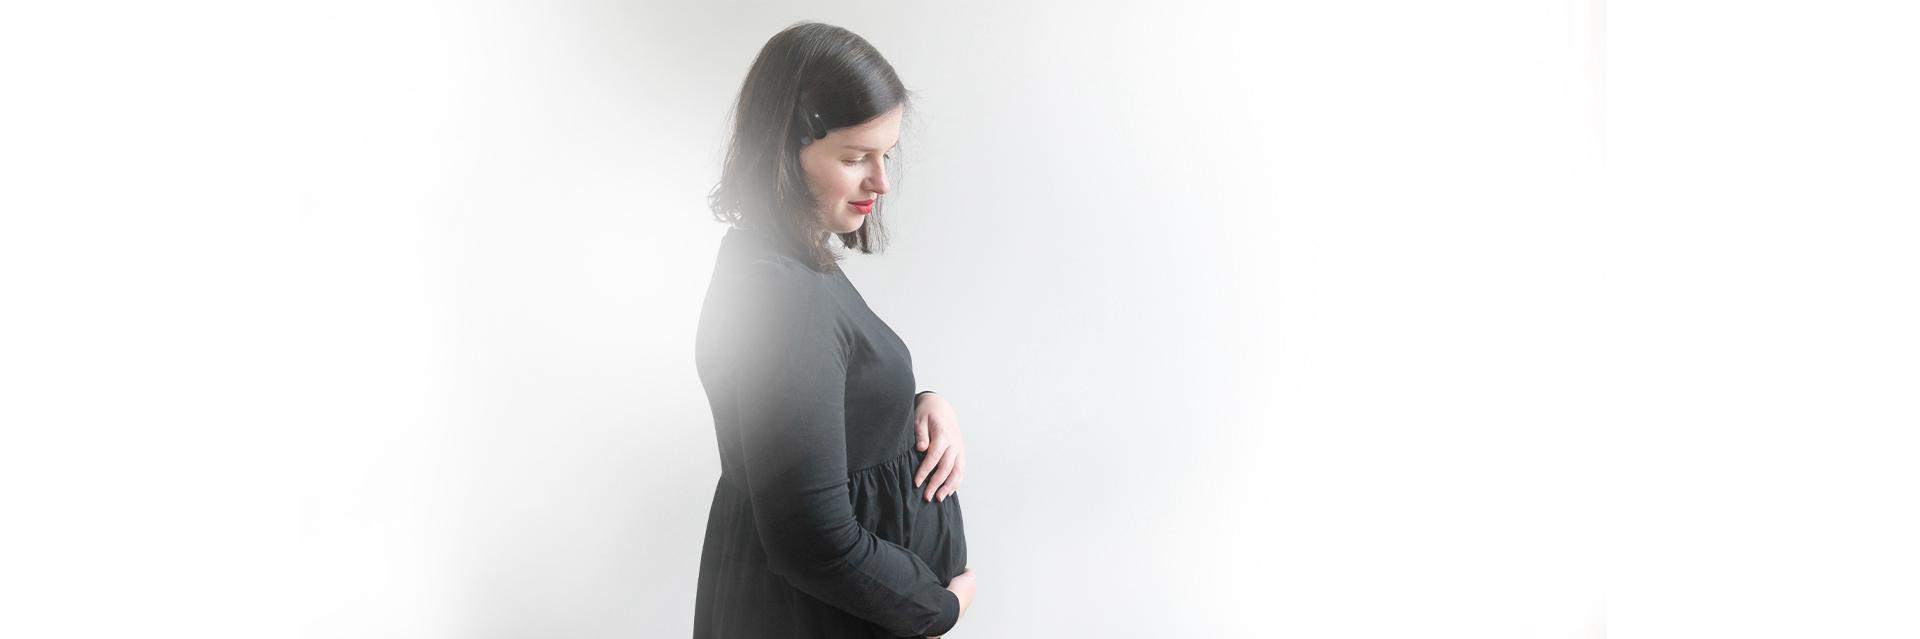 pregnancy-week-by-week-banner-week-10